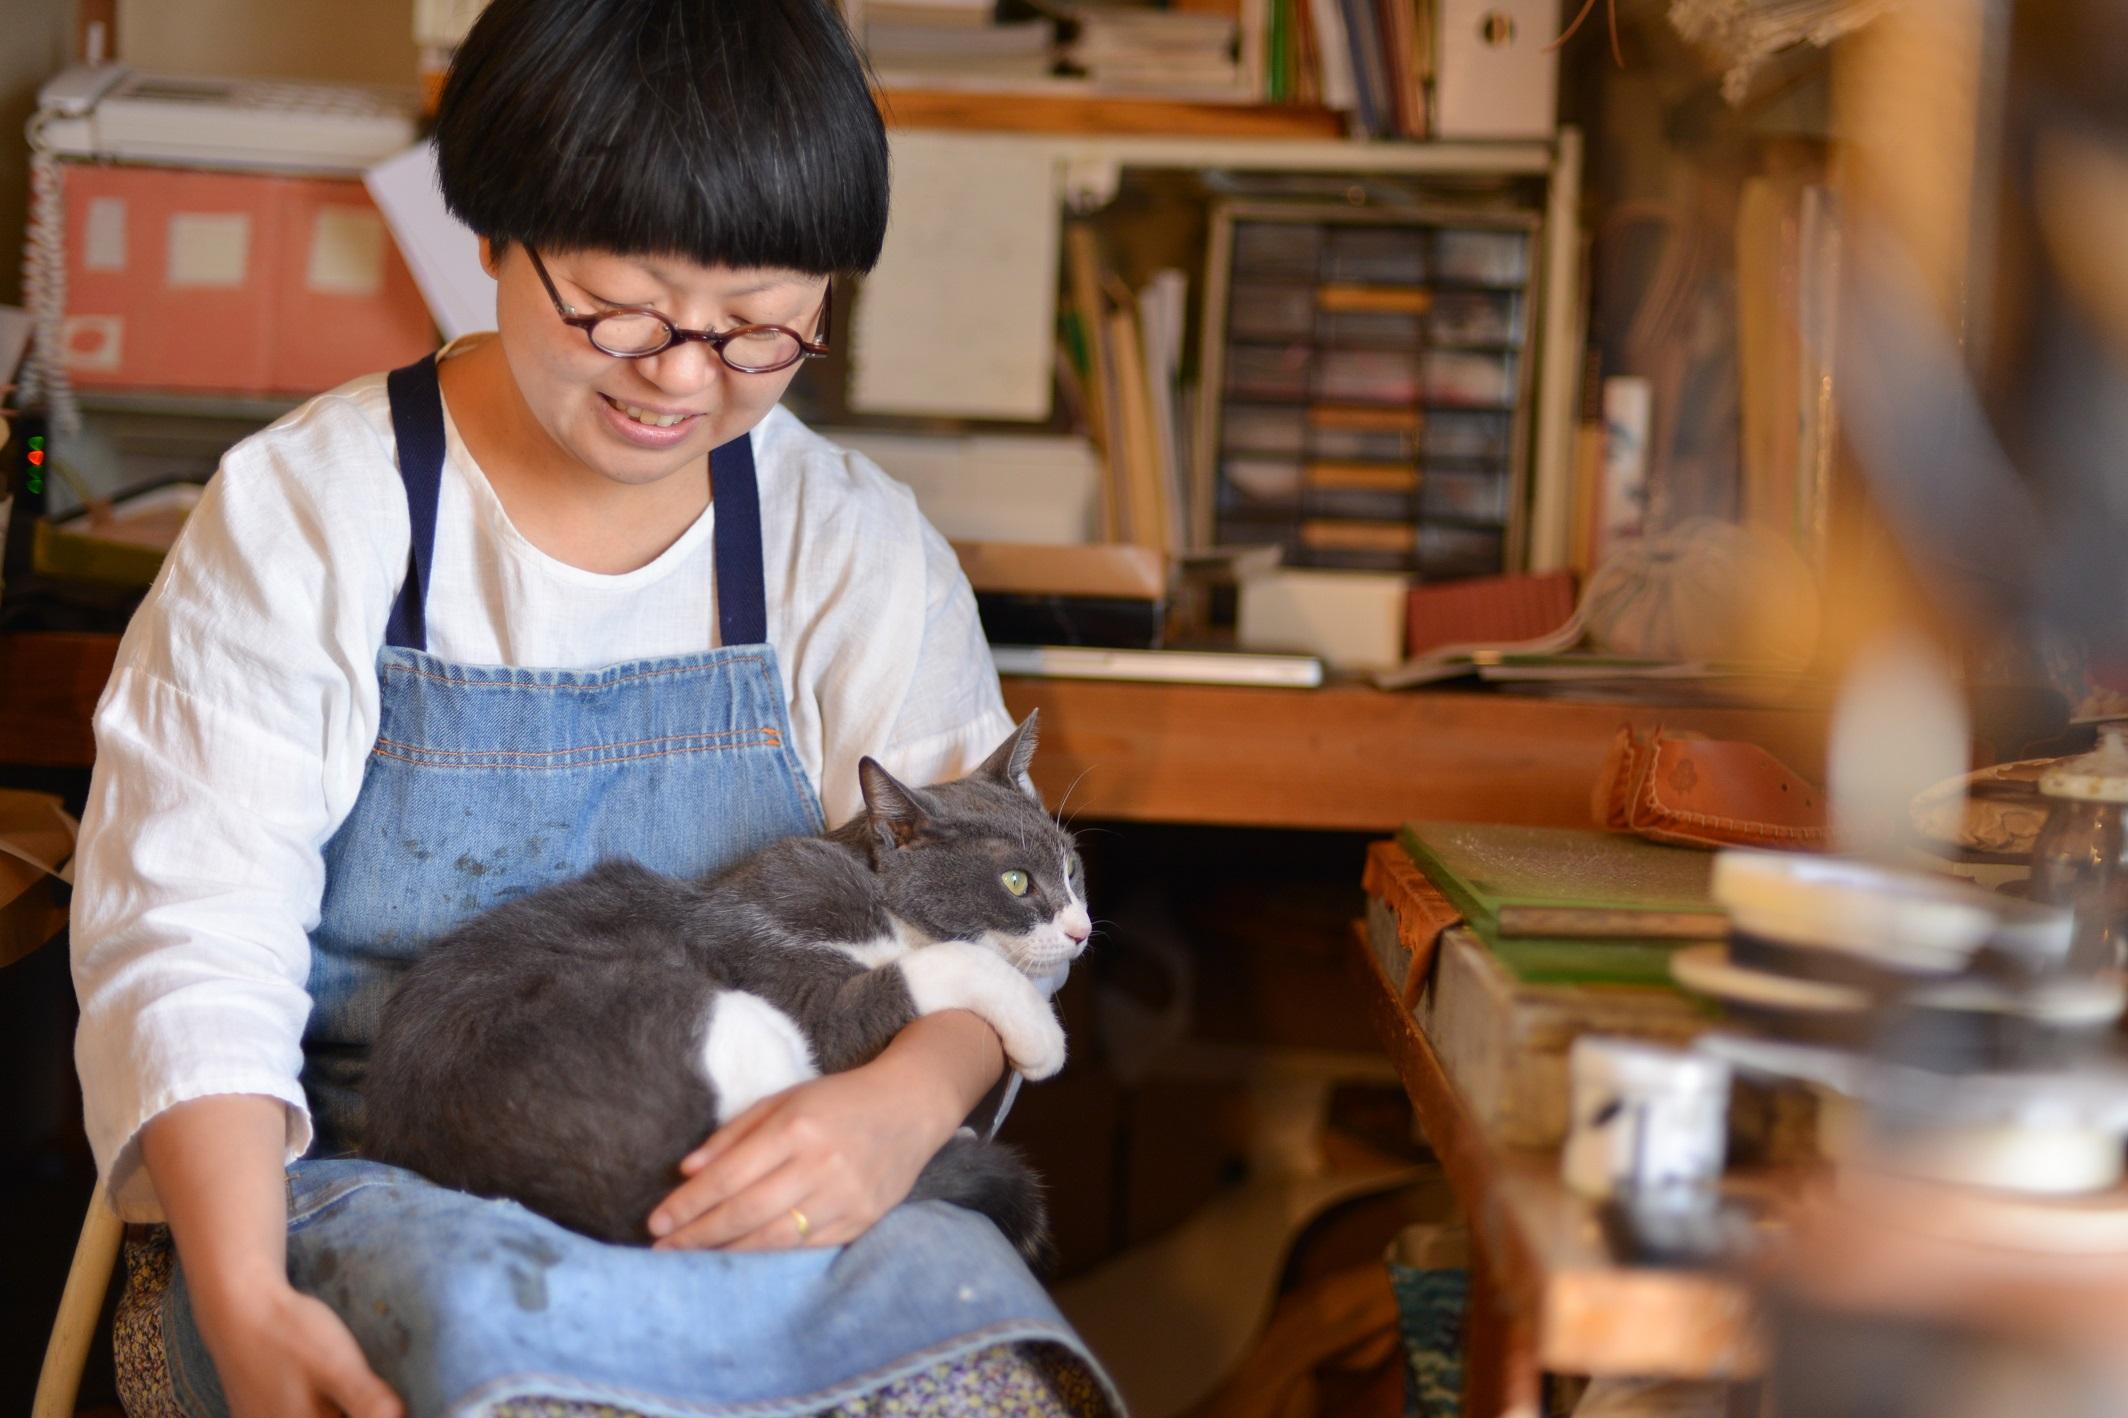 オーダーメイドの革靴店『uzura』の高橋さんと猫のタビくん